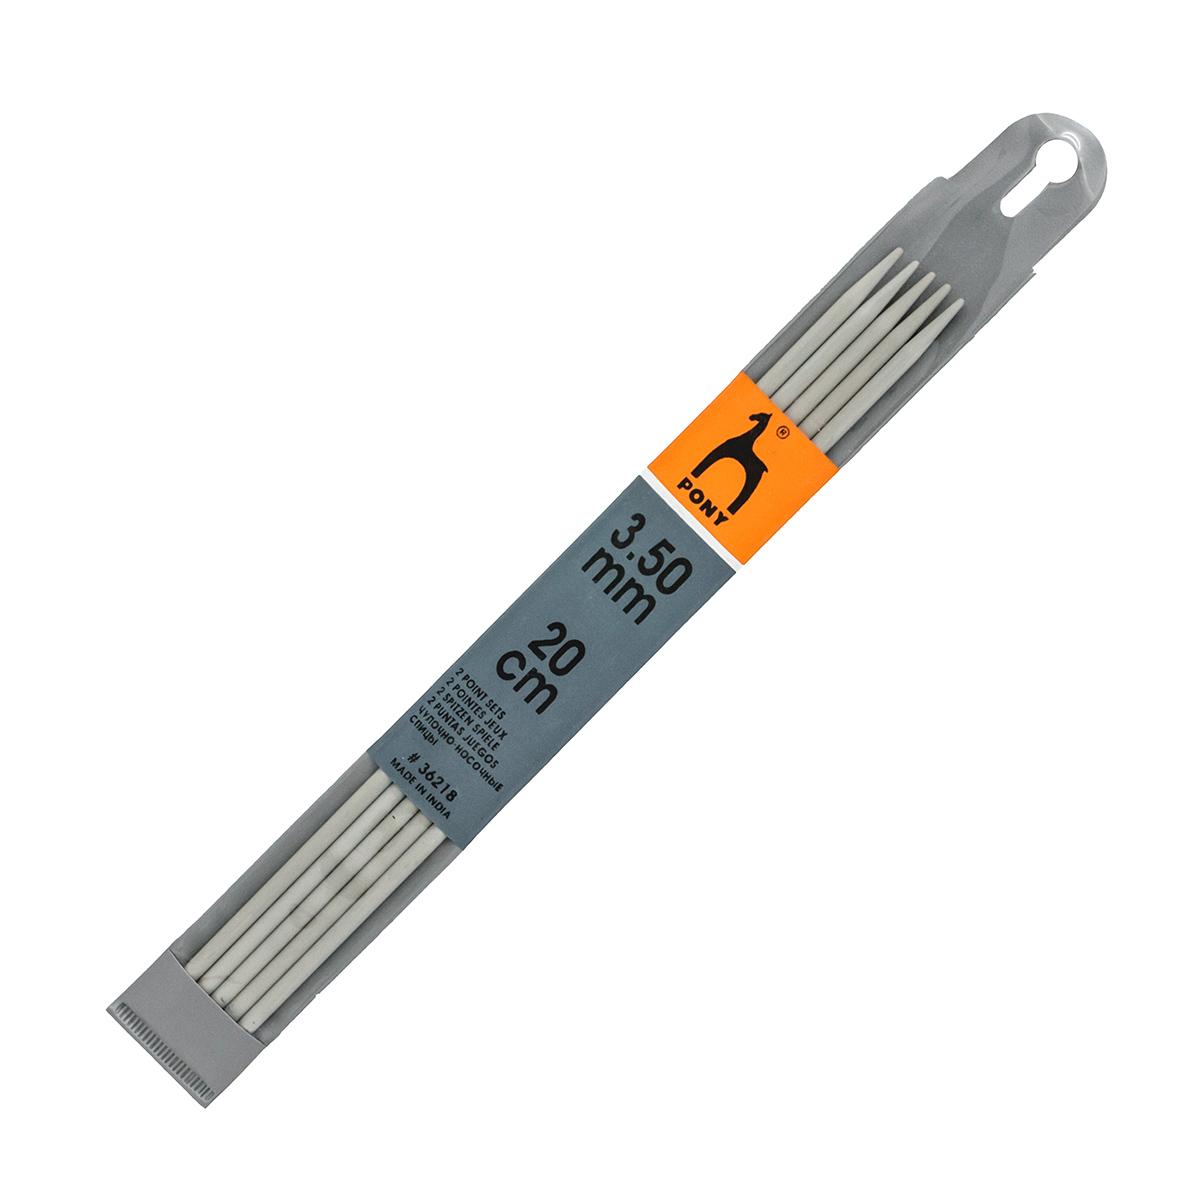 36218 Спицы чулочные 3,50 мм/ 20 см, алюминий, 5 шт PONY